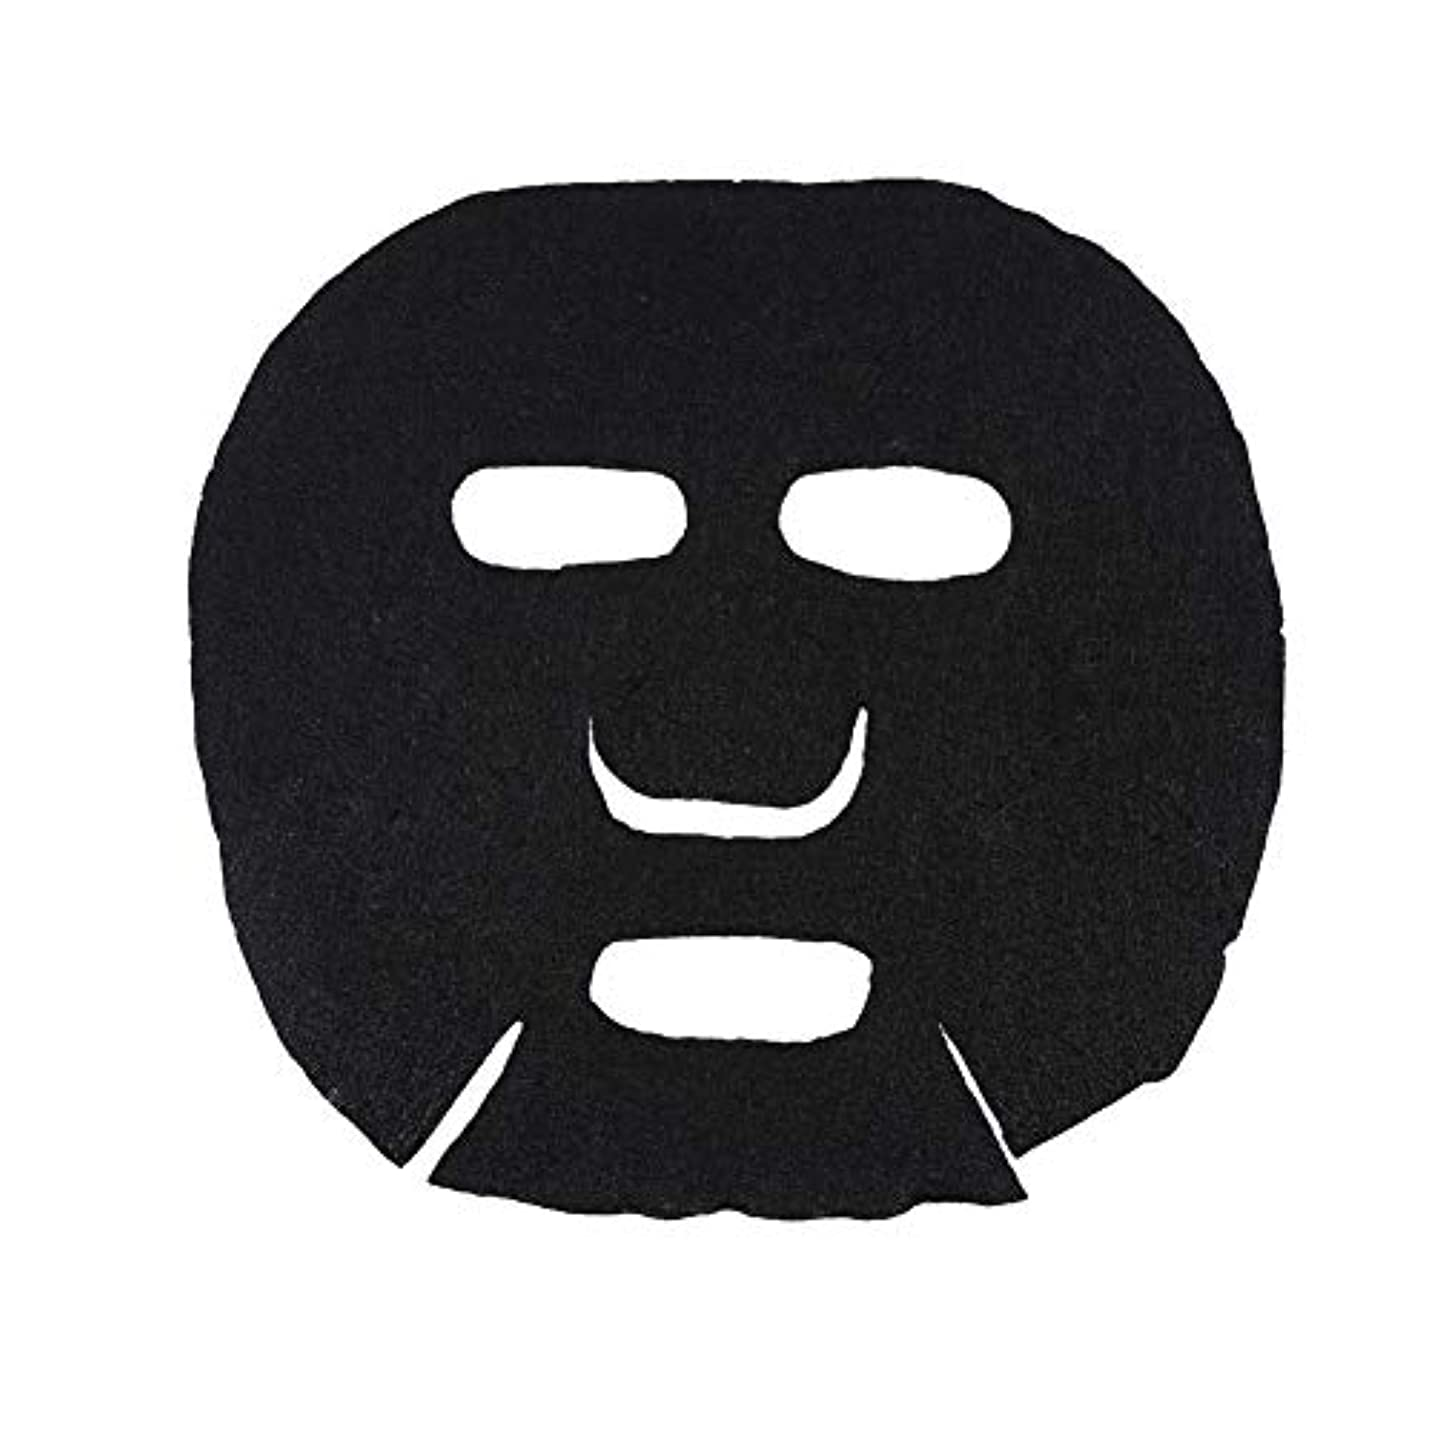 メンダシティもつれモート30Pcs / 40Pcsマスク紙、マスク紙綿、スキンフェイスケアDIYフェイシャルペーパーコンプレスマスクマスクナチュラルコットンスキンケアマスクDIYシートマスク(30pcs)